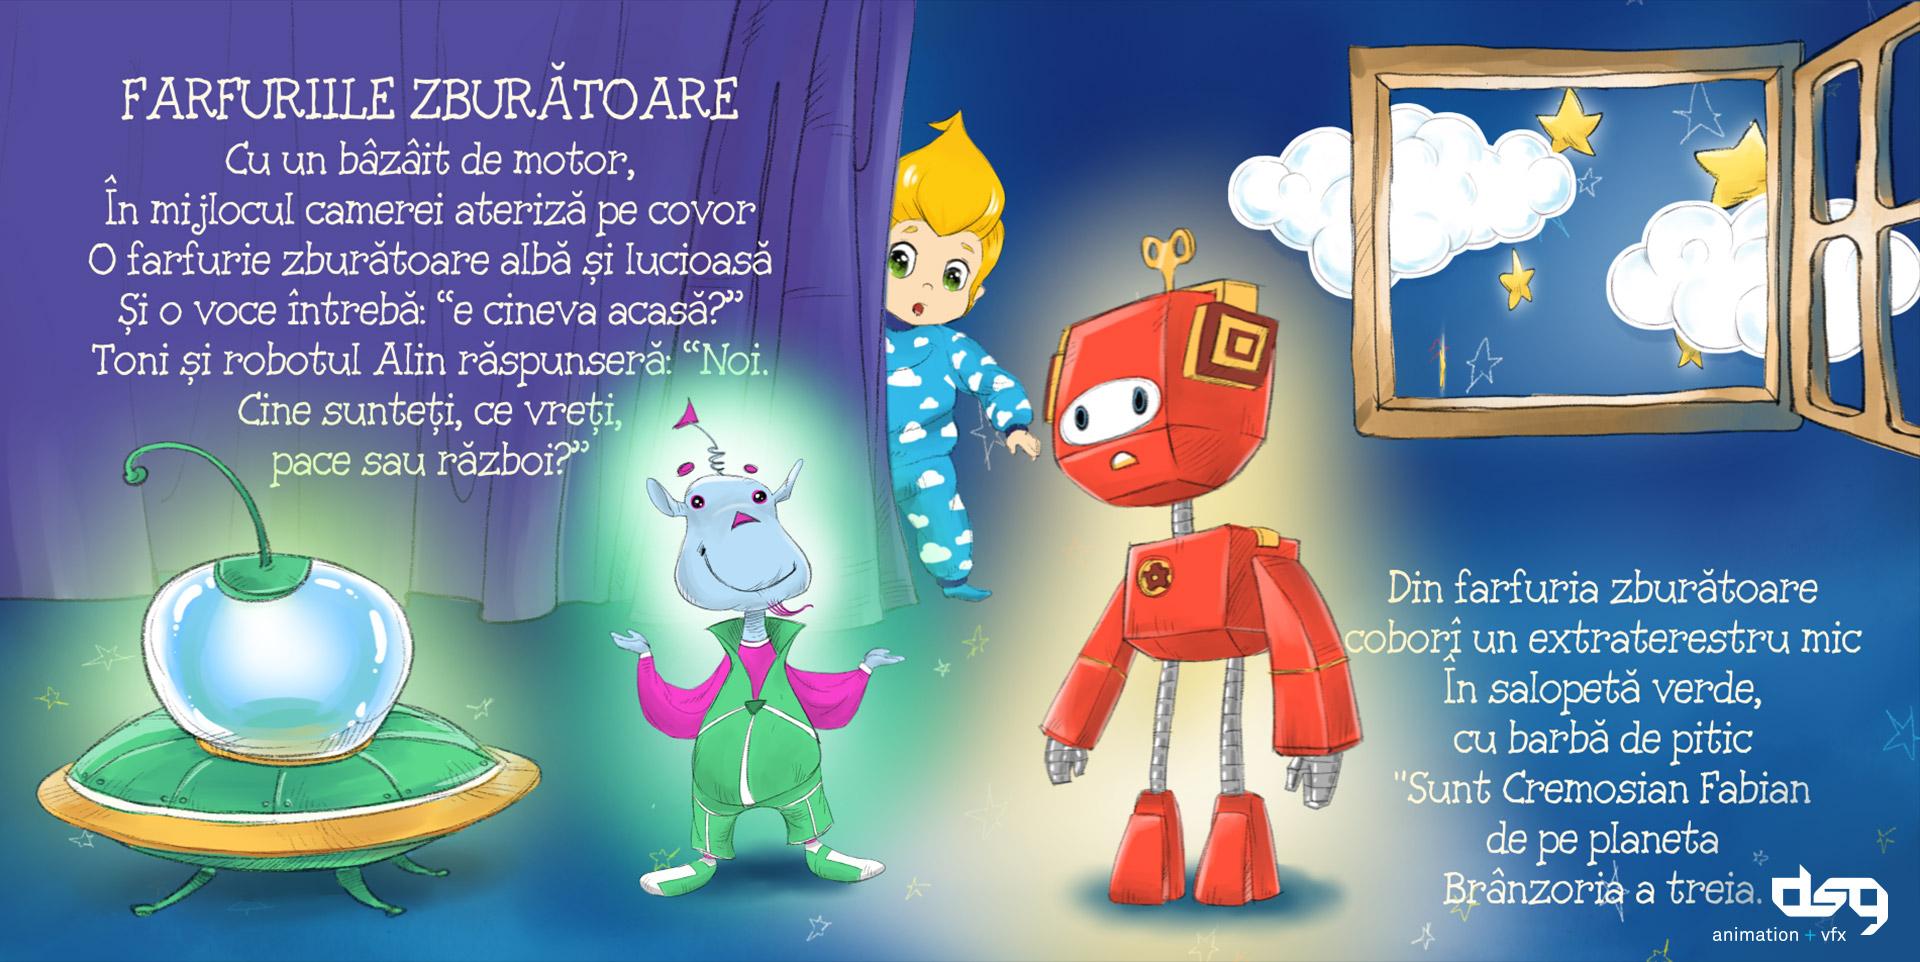 Toni_Vlad_Pascanu_illustration_3_v01.jpg